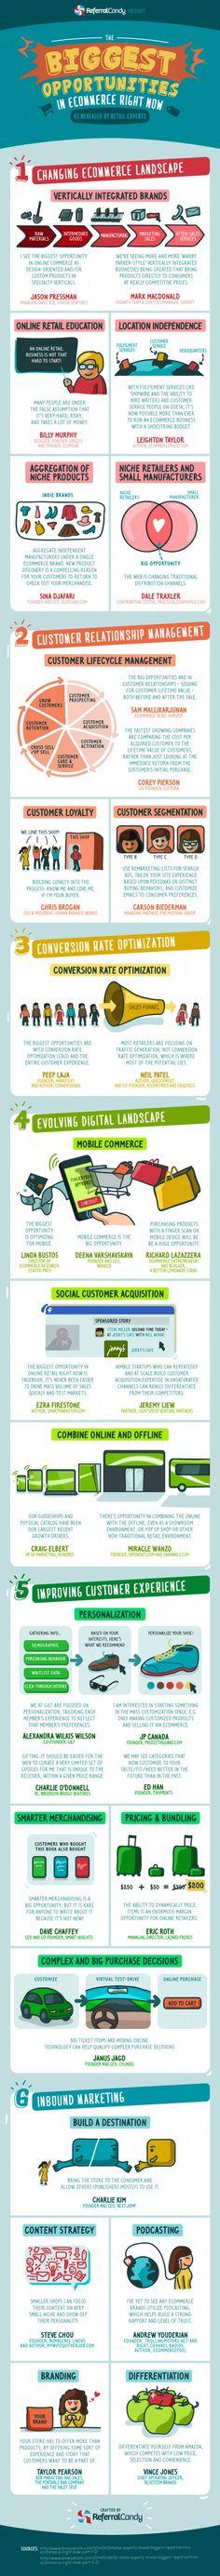 E-commerce: le maggiori opportunità